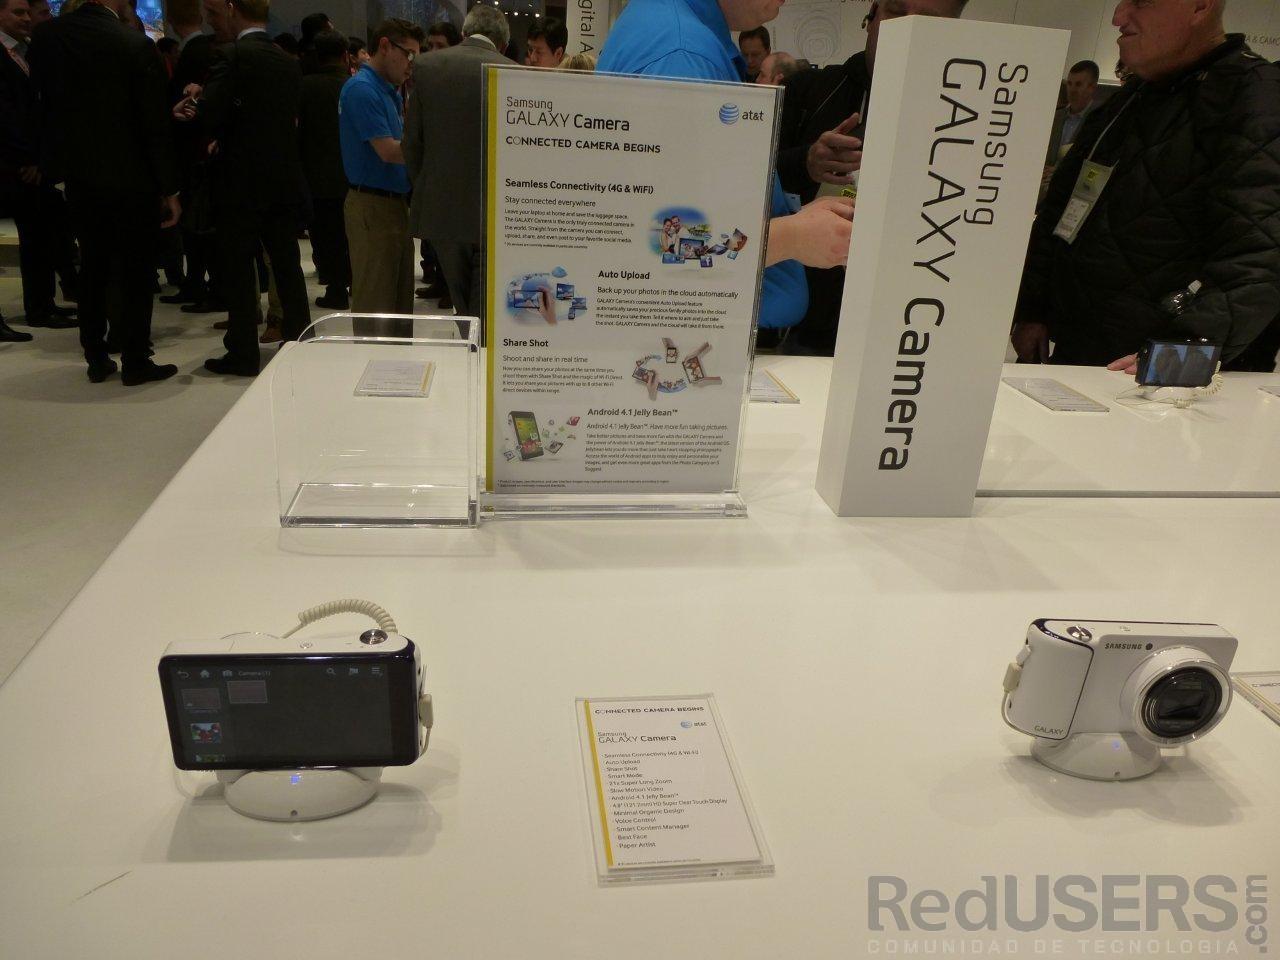 La Galaxy Camera, uno de los últimos lanzamientos de Samsung antes de la CES